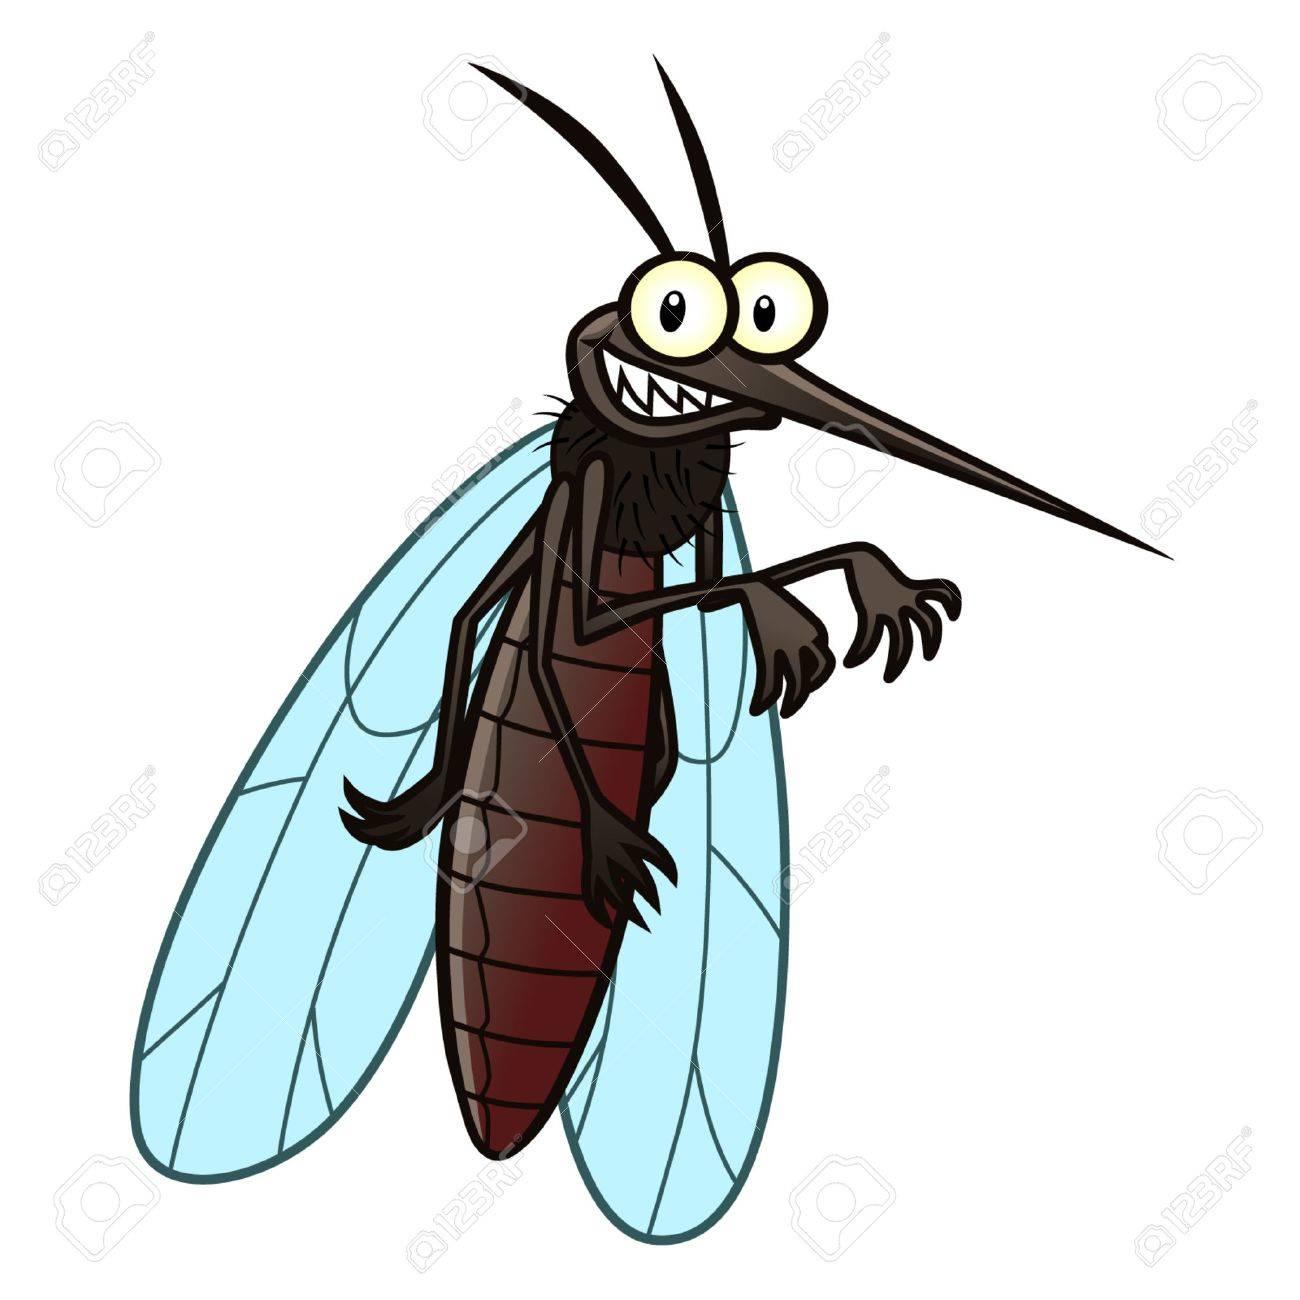 mosquito - 40825445